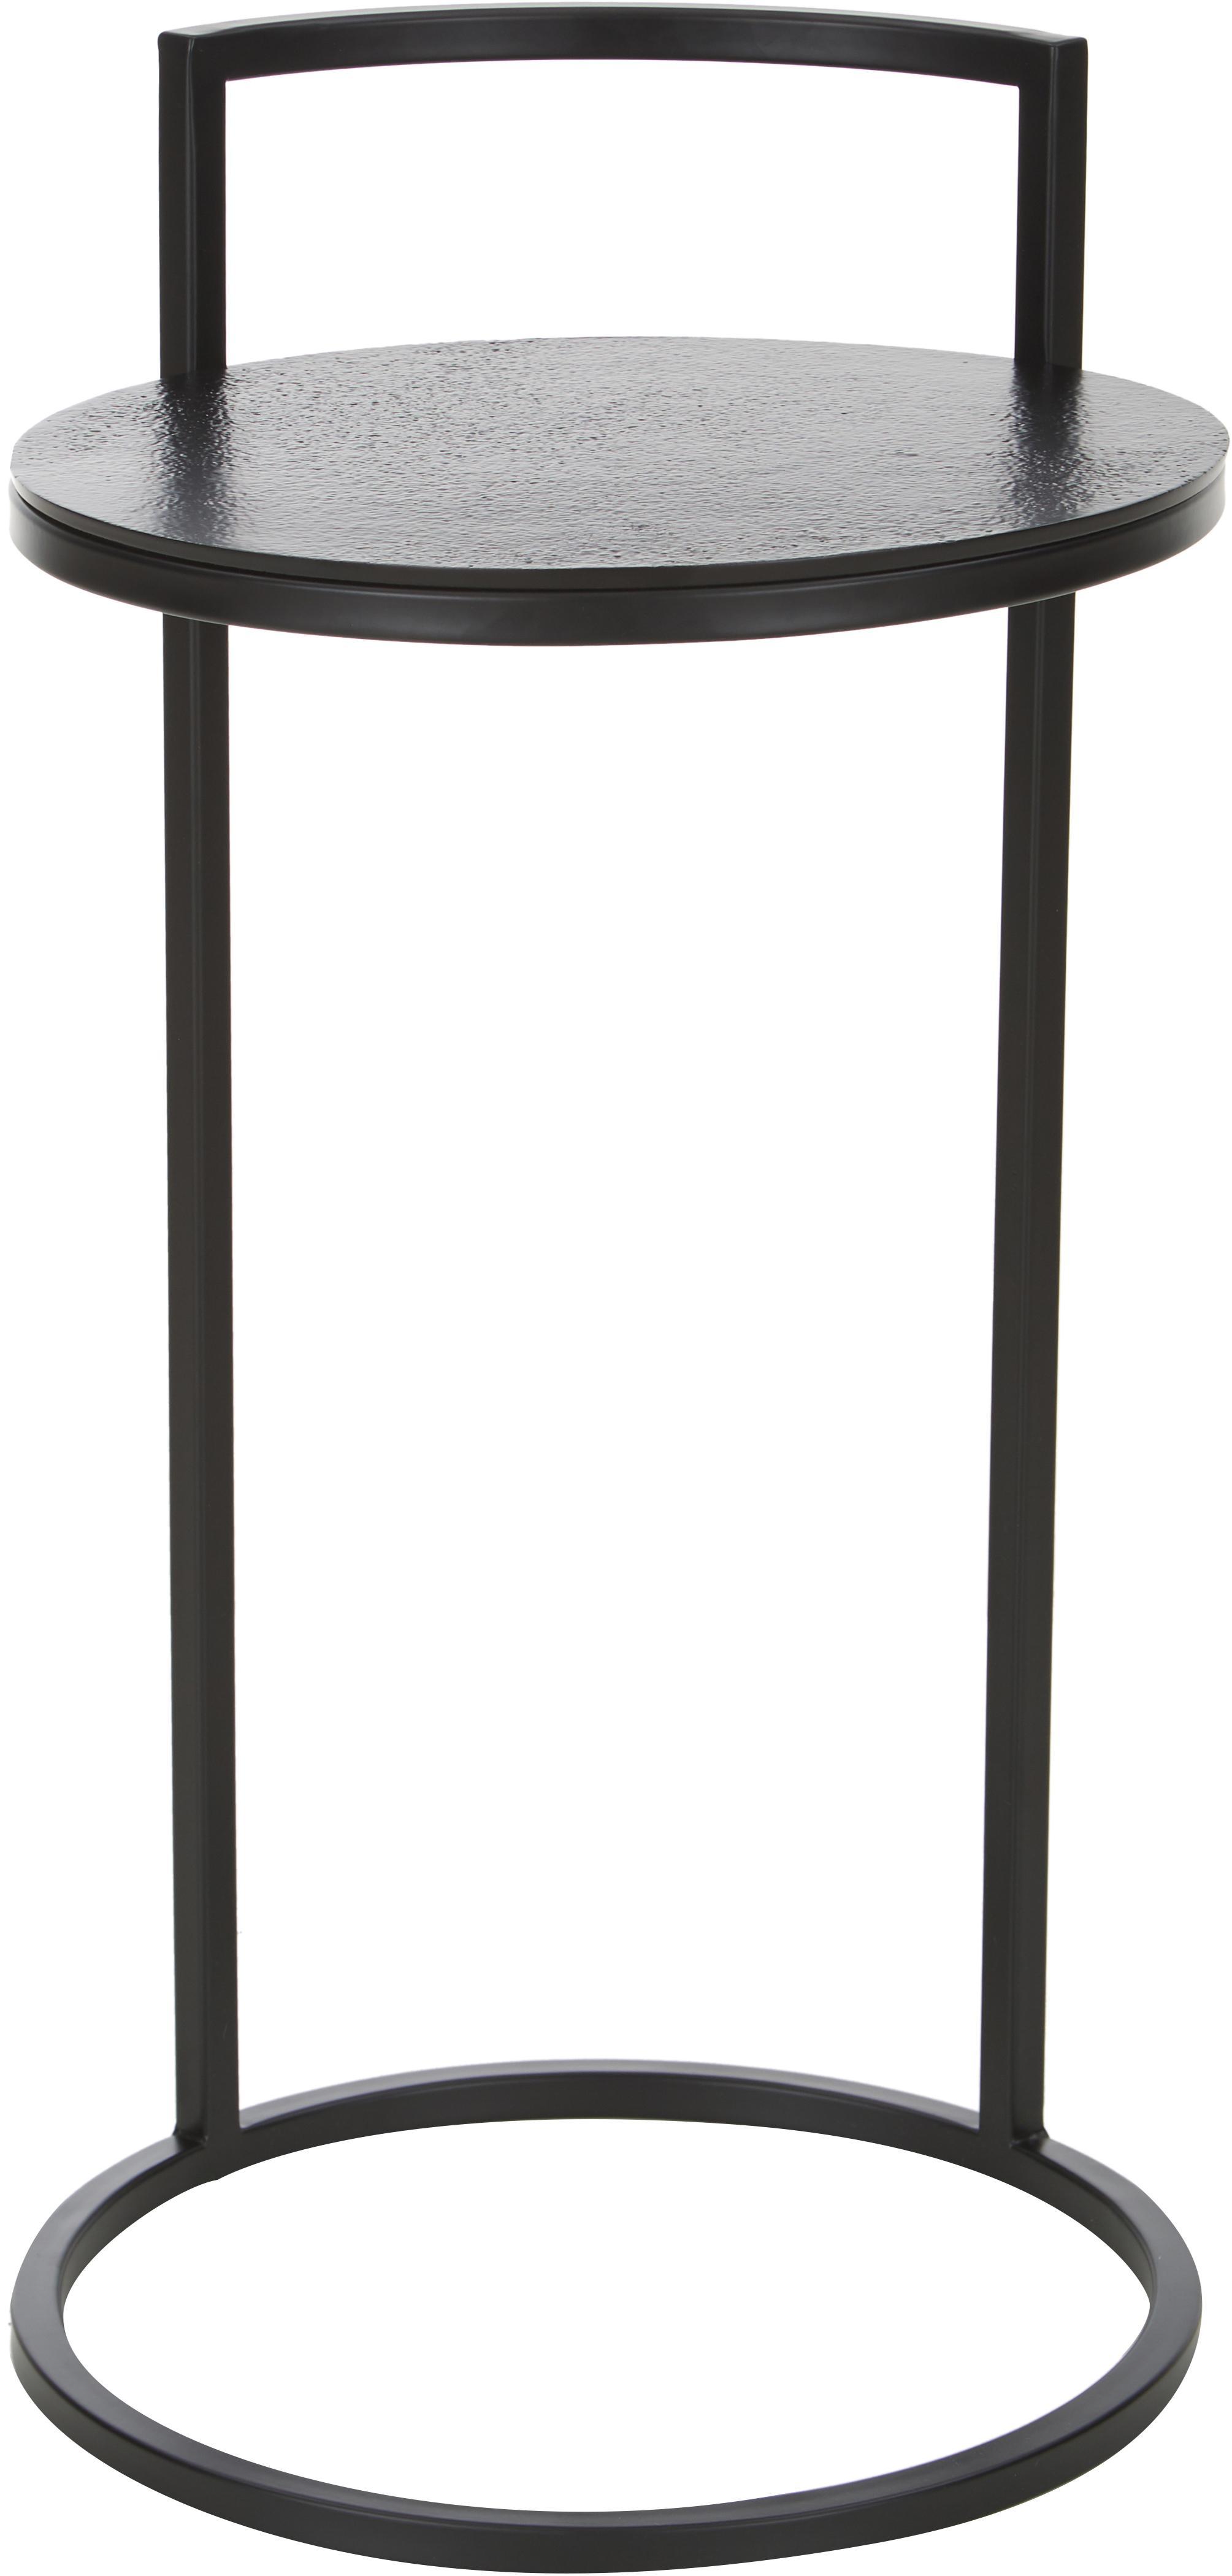 Ronde bijzettafel Circle van metaal, Tafelblad: gepoedercoat metaal, Frame: gepoedercoat metaal, Tafelblad: zwart met antieke afwerking Frame: mat zwart, Ø 36 x H 66 cm